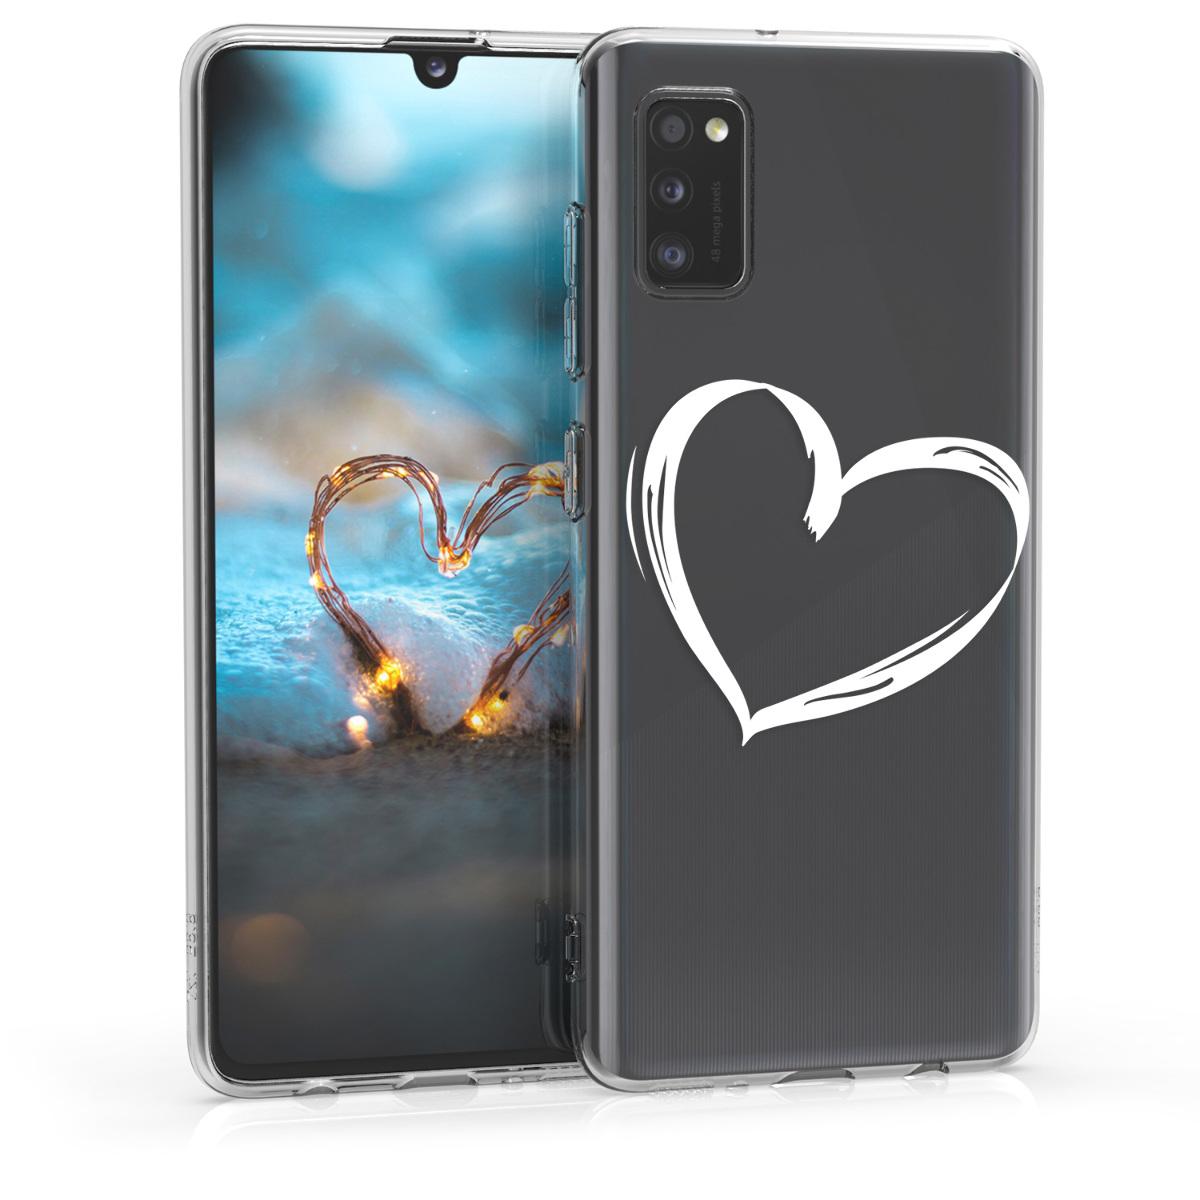 Kvalitní silikonové TPU pouzdro pro Samsung A41 - Brushed Heart White / Transparent